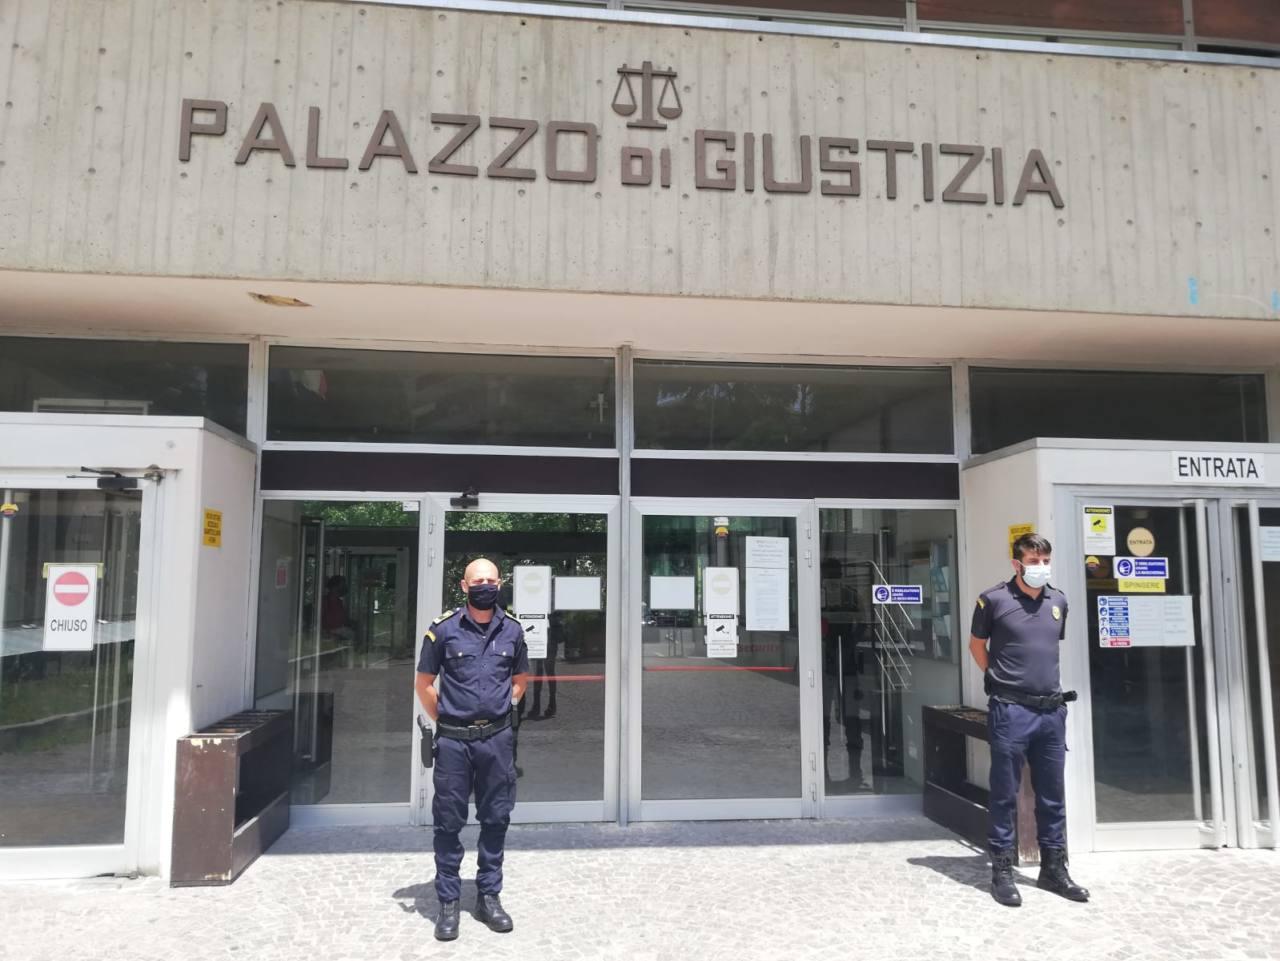 tribunale, palazzo di giustizia di Macerata